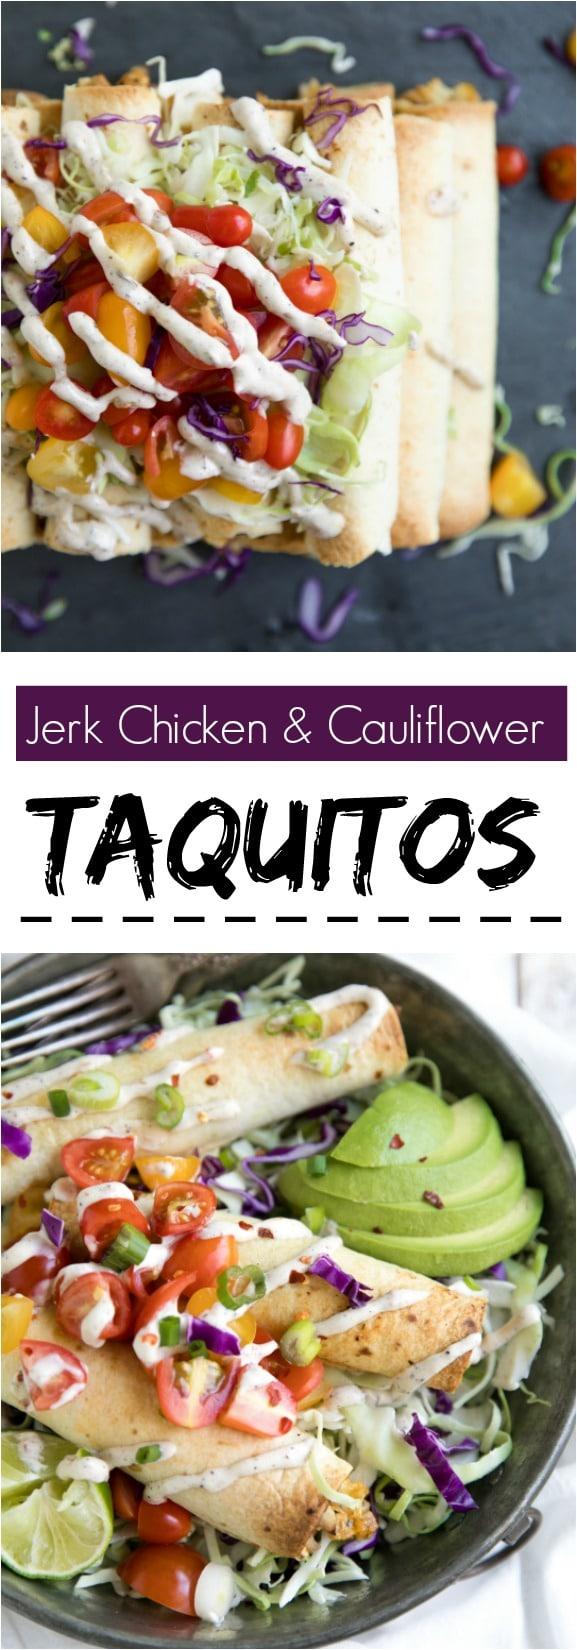 Jerk Chicken and Cauliflower Taquitos.  #healthyrecipes #mexican #spicy #jerk